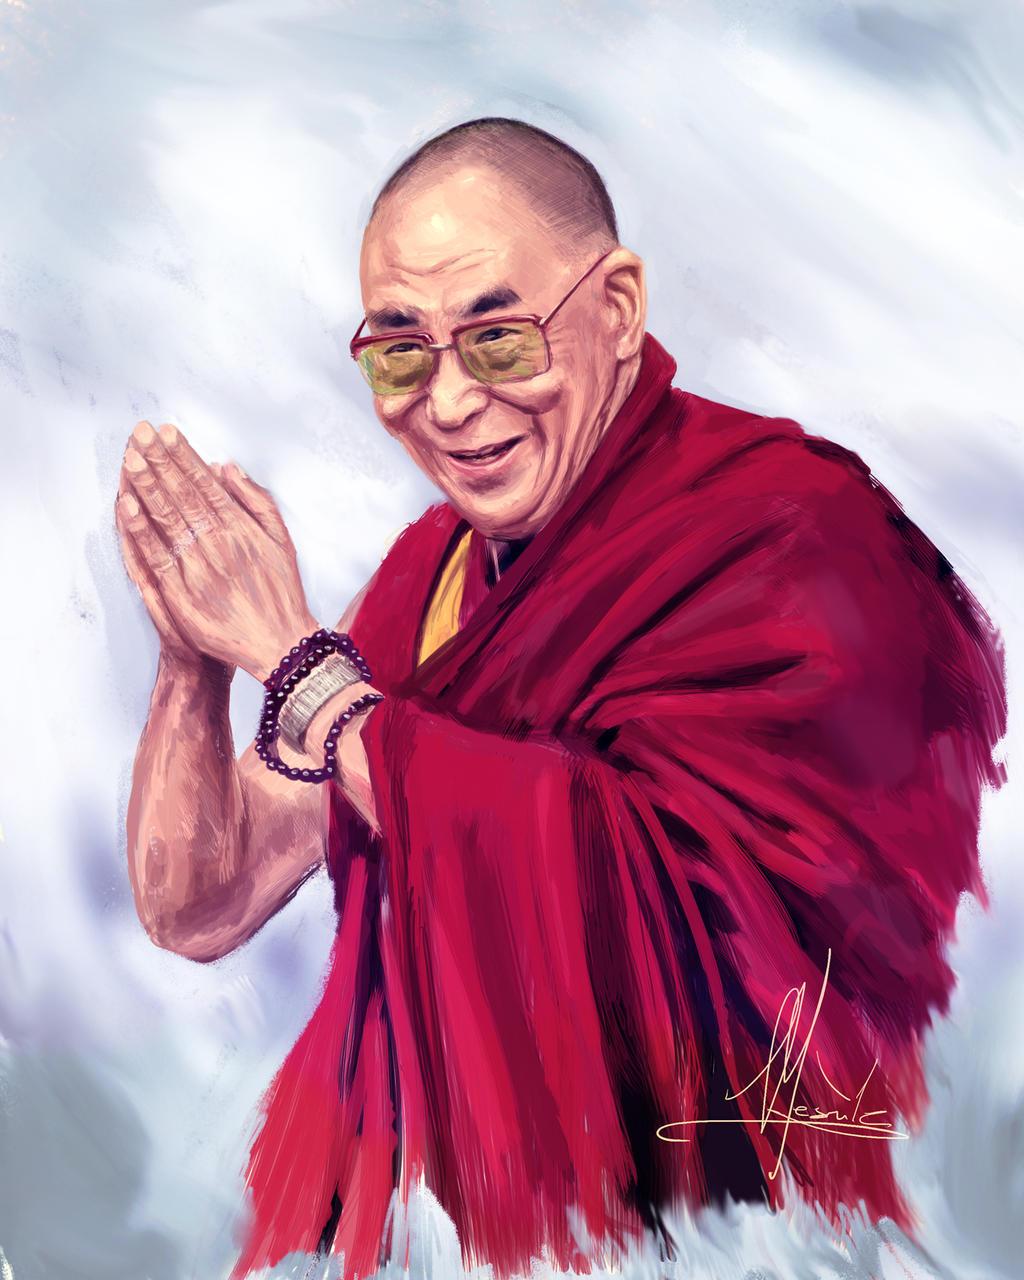 Dalai Lama portrait (Tenzin Gyatso) by Mesrile on DeviantArt